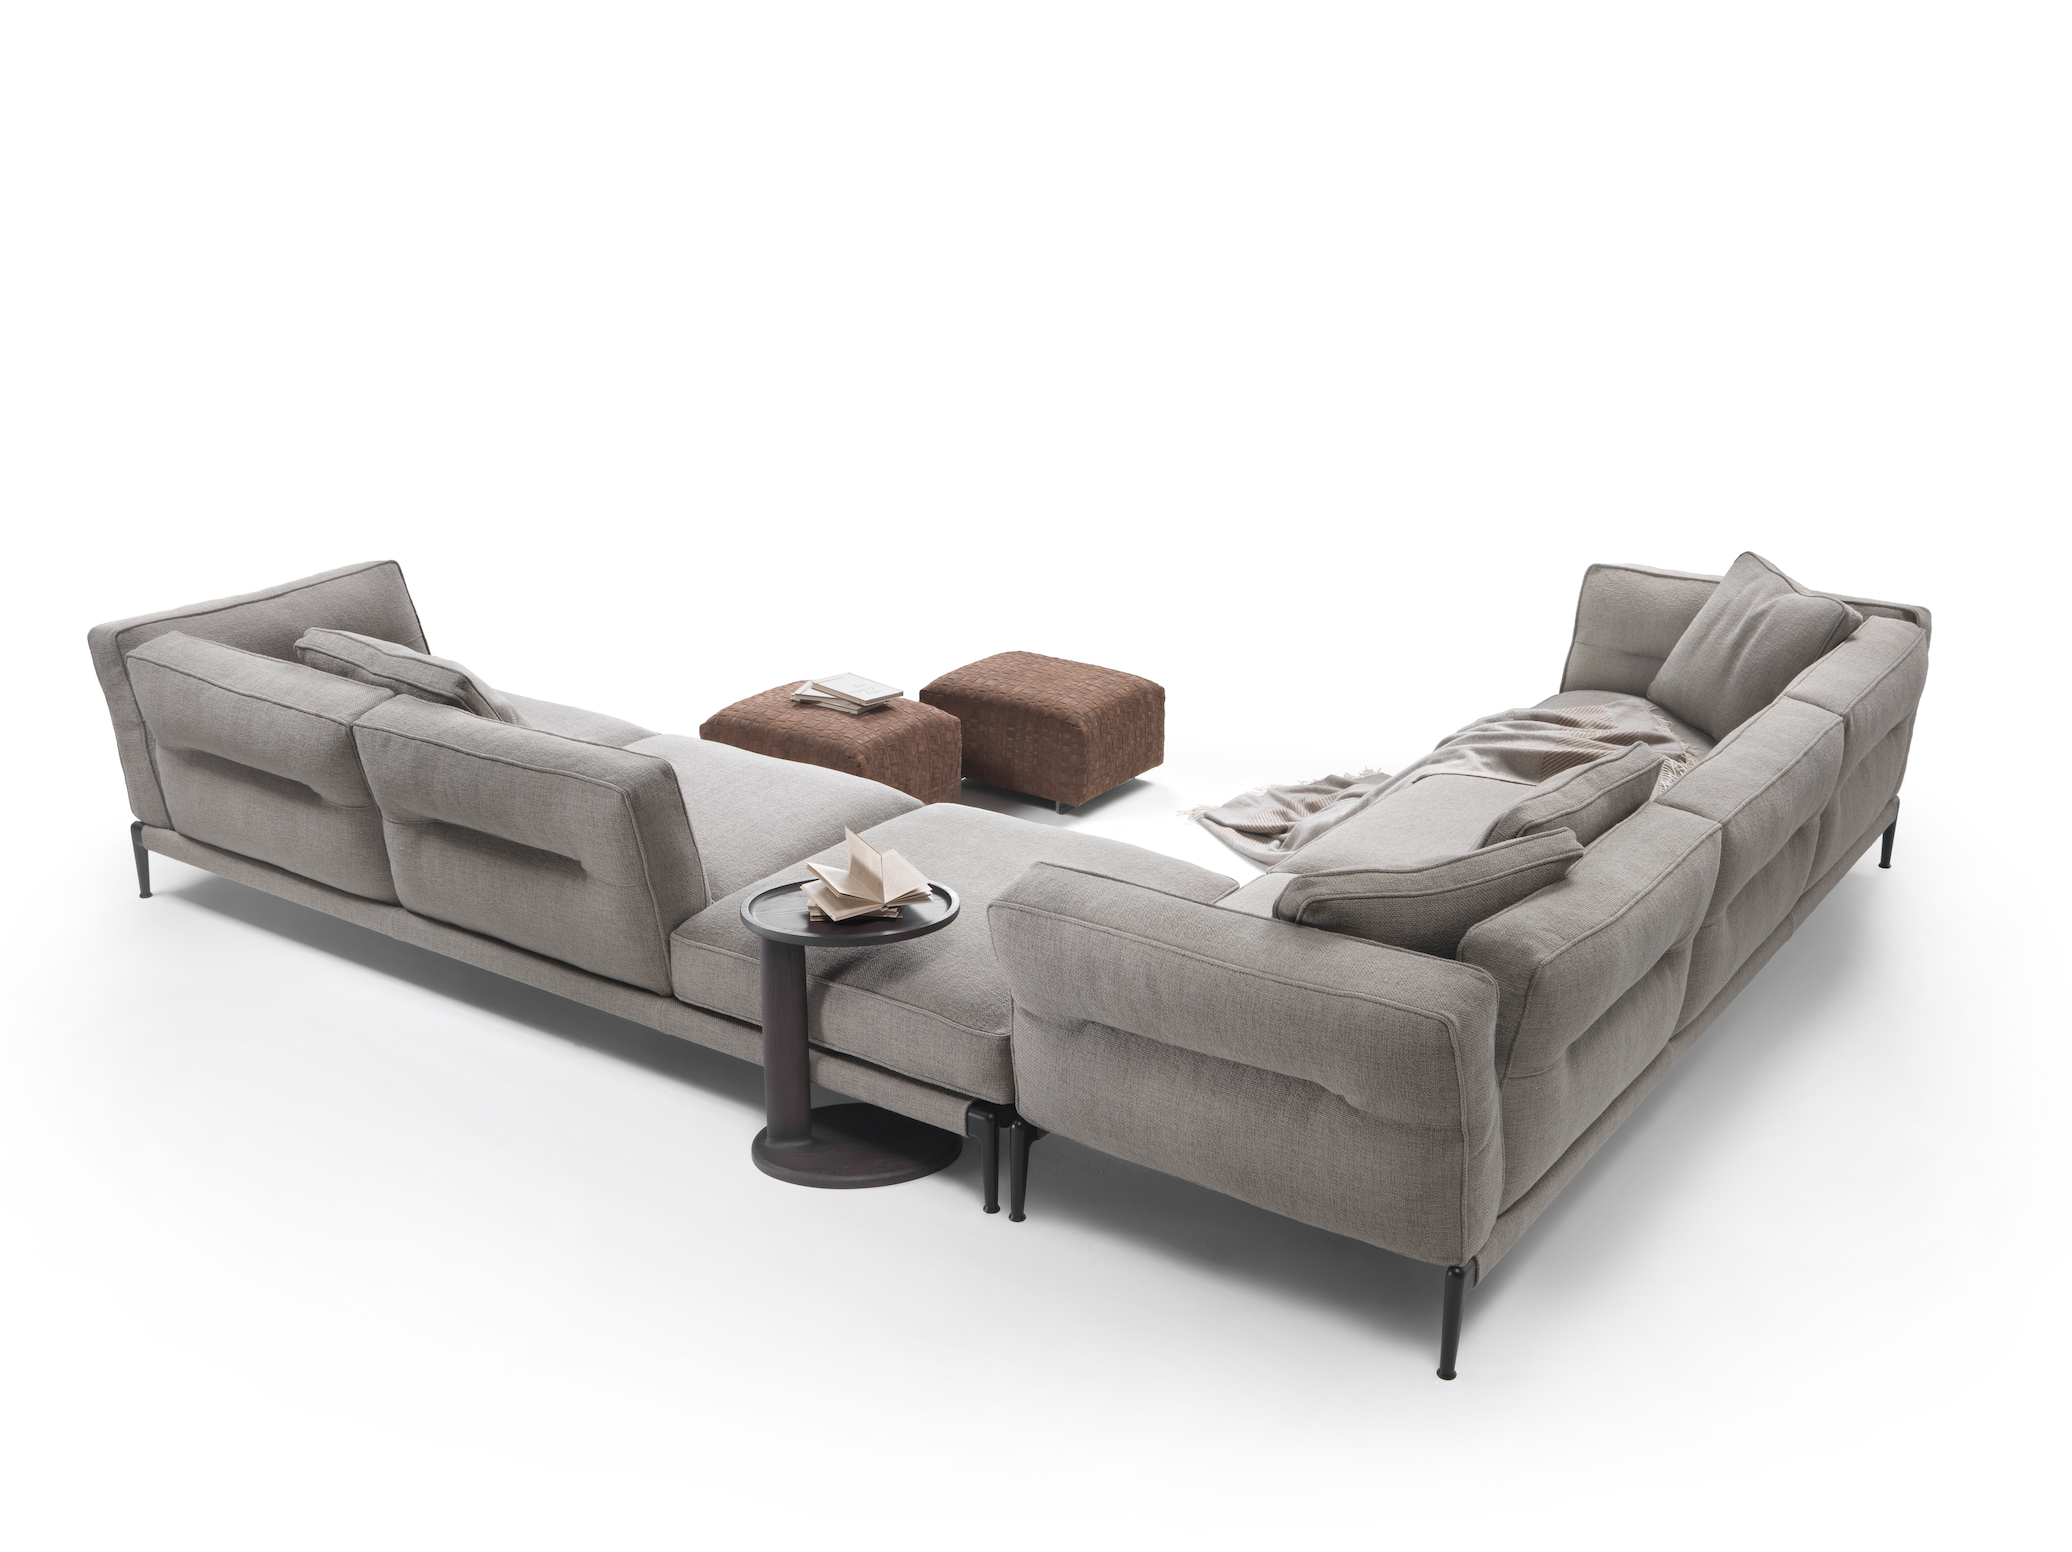 Flexform Adda sofa zetel design meubelwinkel Loncin Leuven Brussels Bruxelles Mechelen Hasselt Antwerpen Gent 3.png